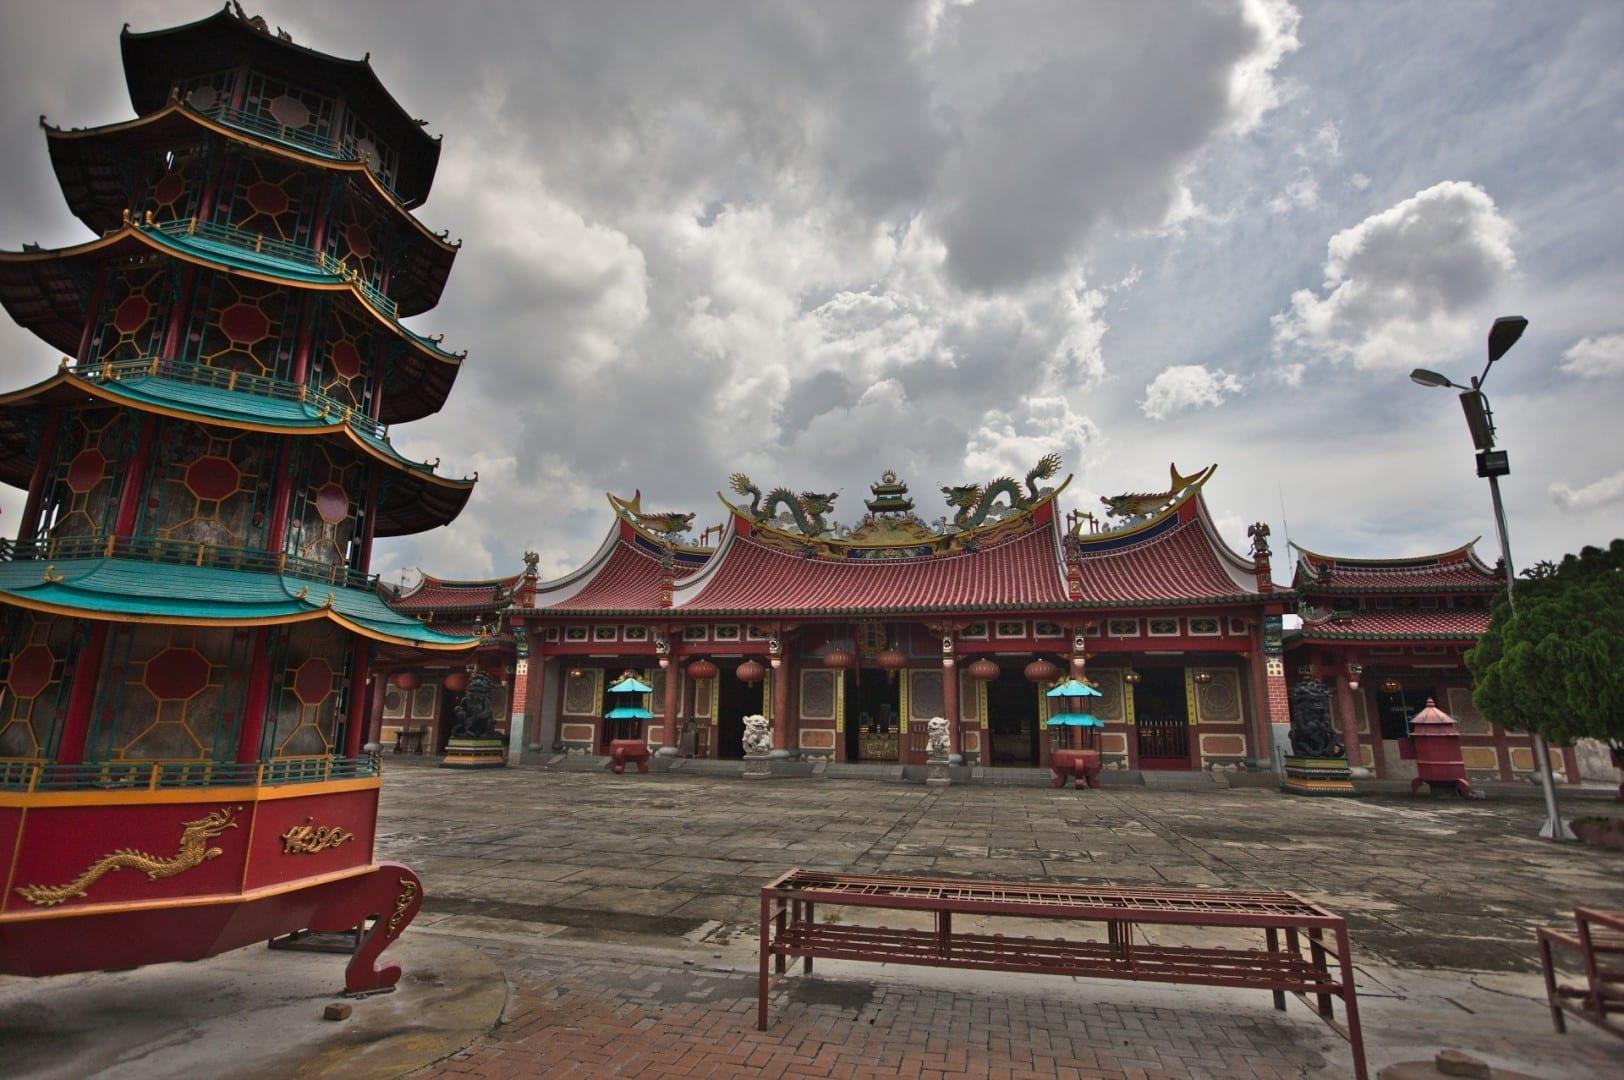 Vista hacia el salón principal con el quemador de incienso a la izquierda. El templo daoísta chino de Vihara Gunung Timur. Medan Indonesia